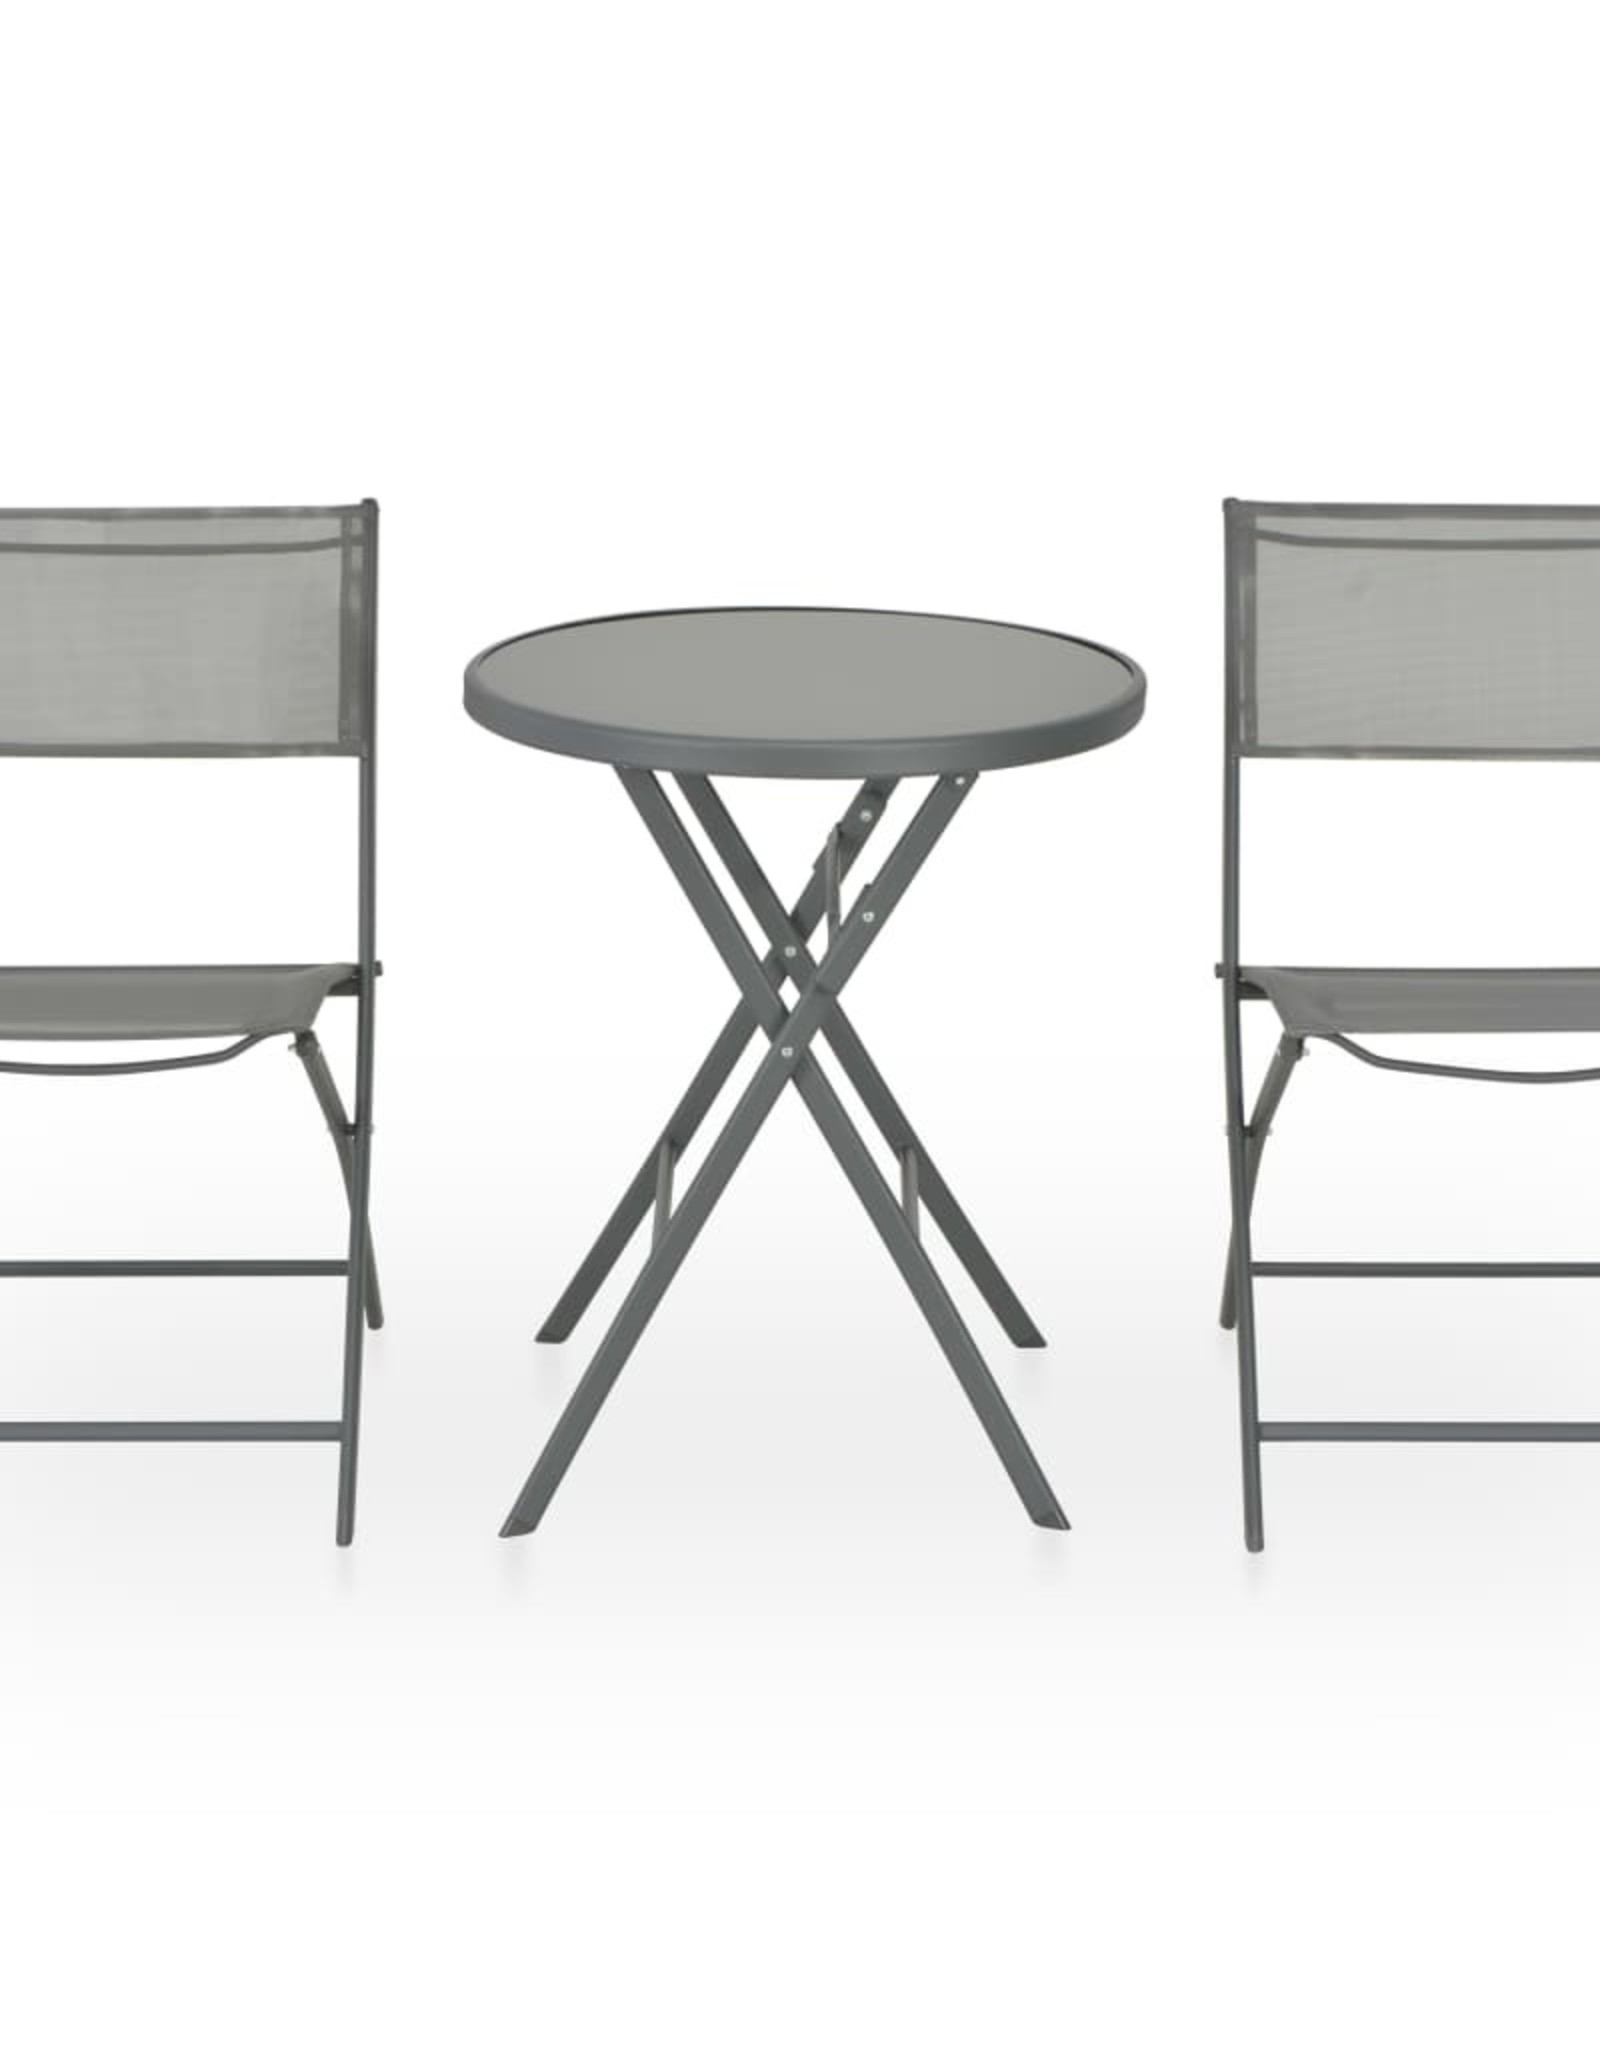 3-delige Bistroset inklapbaar staal en textileen grijs